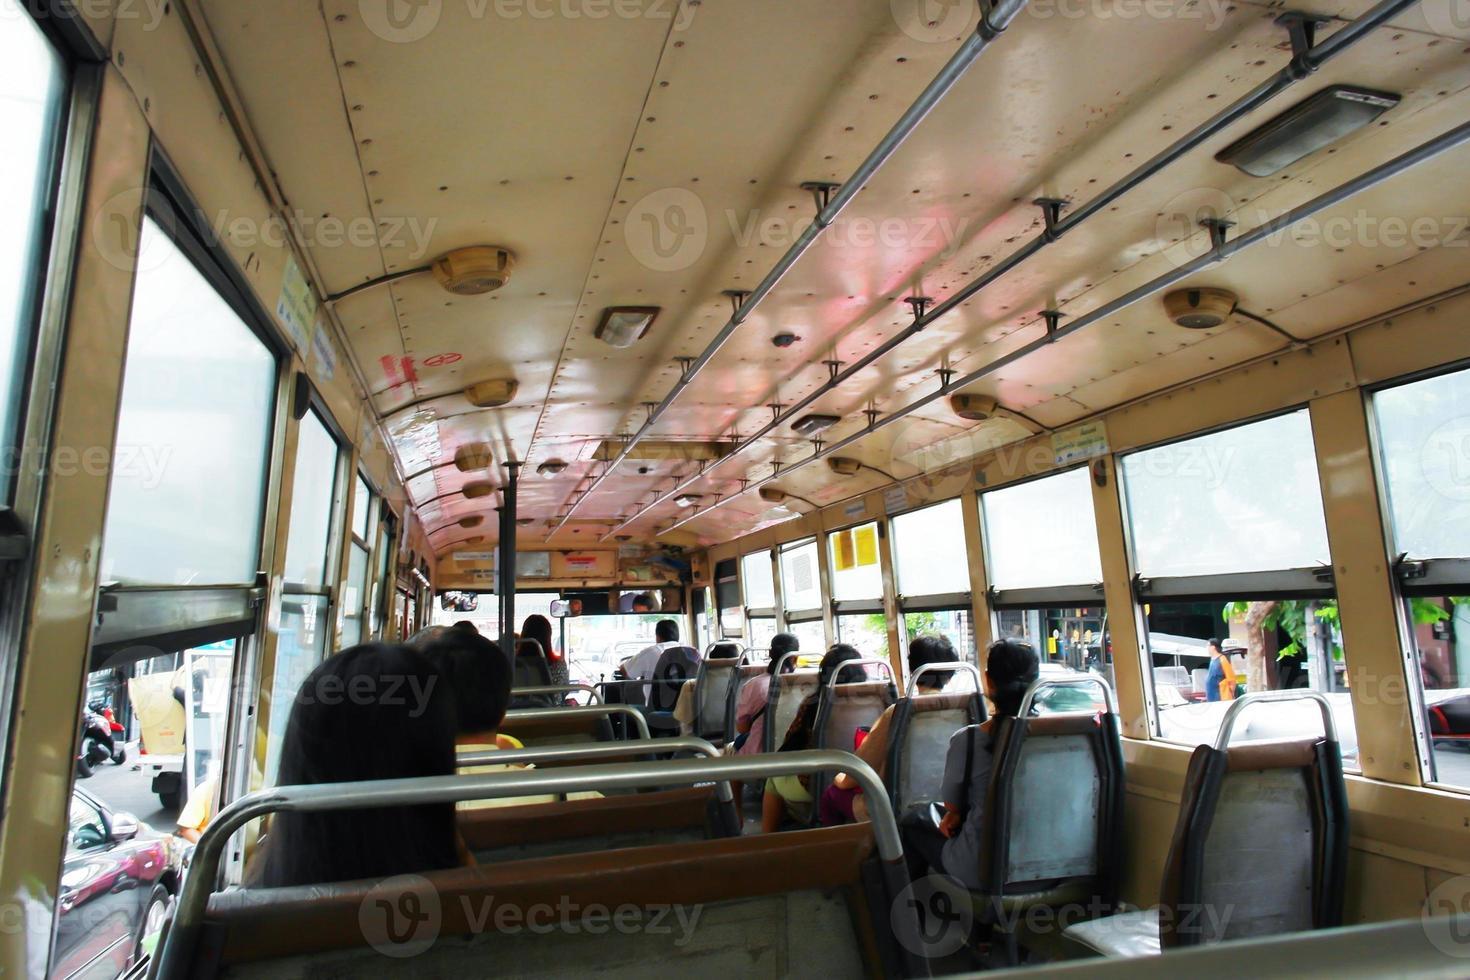 sur le bus photo